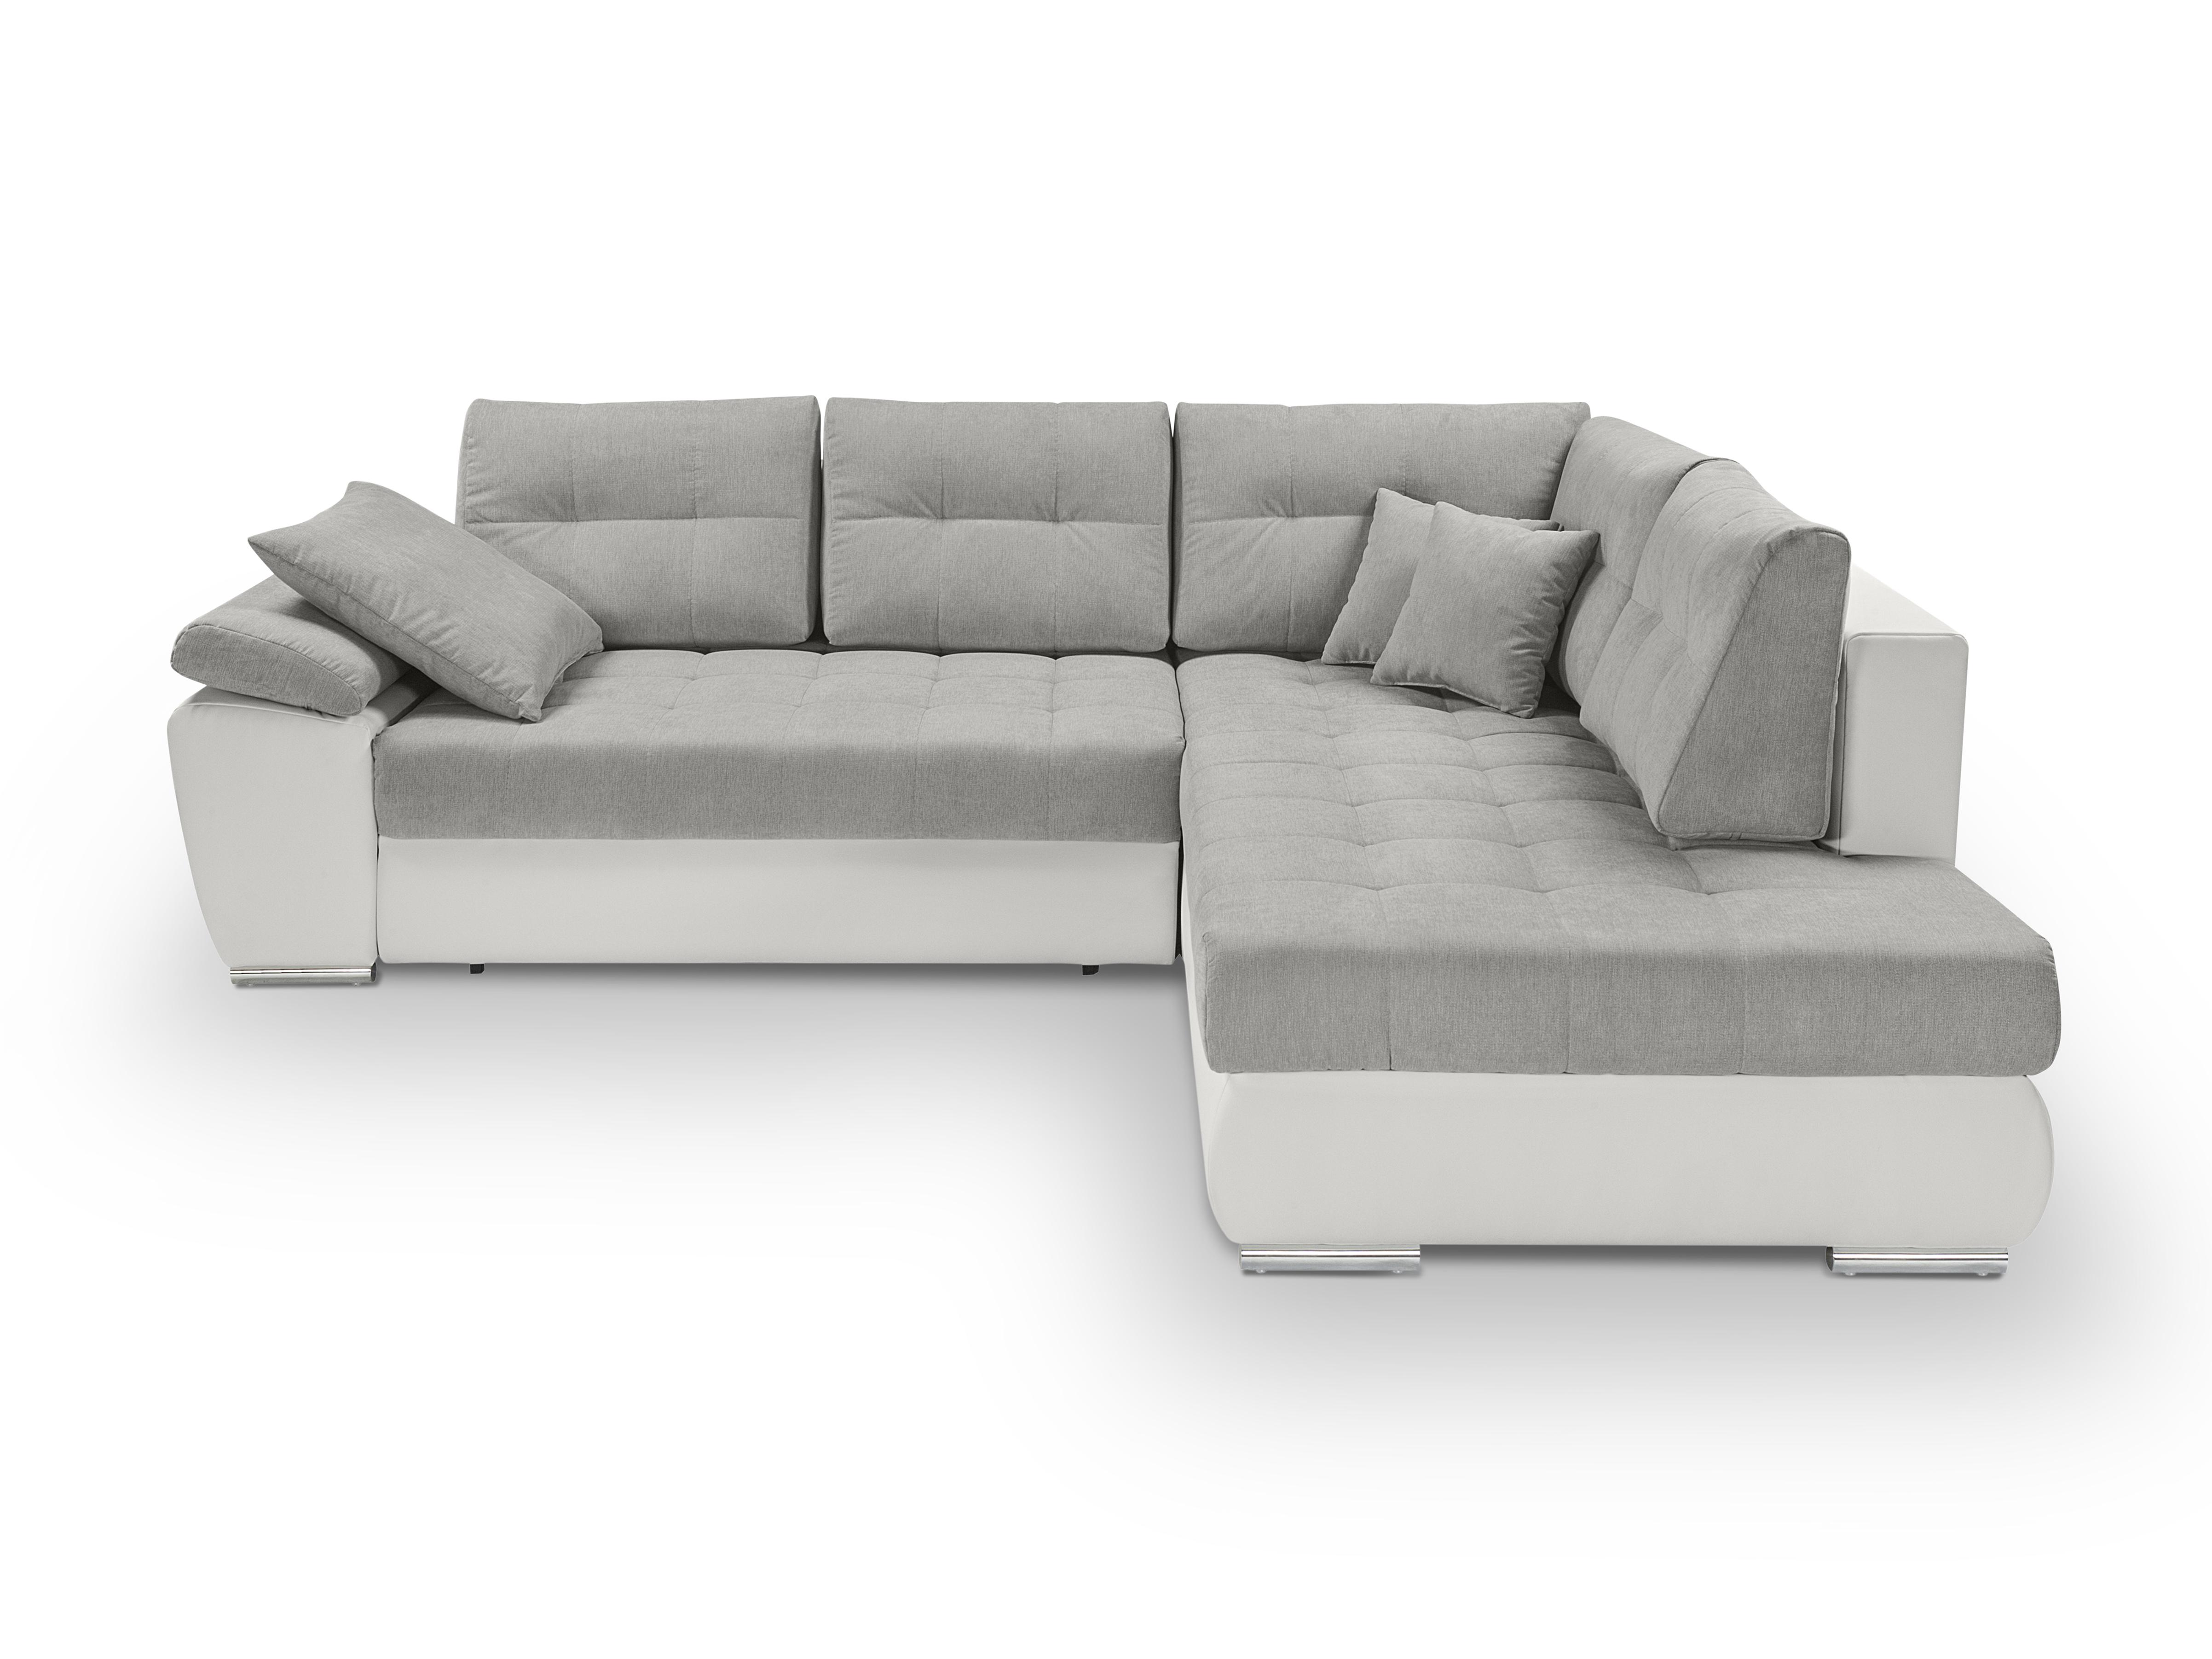 Rohová sedací souprava - BRW - Carl Lux 3DL.RECBK (šedá + bílá) (P)